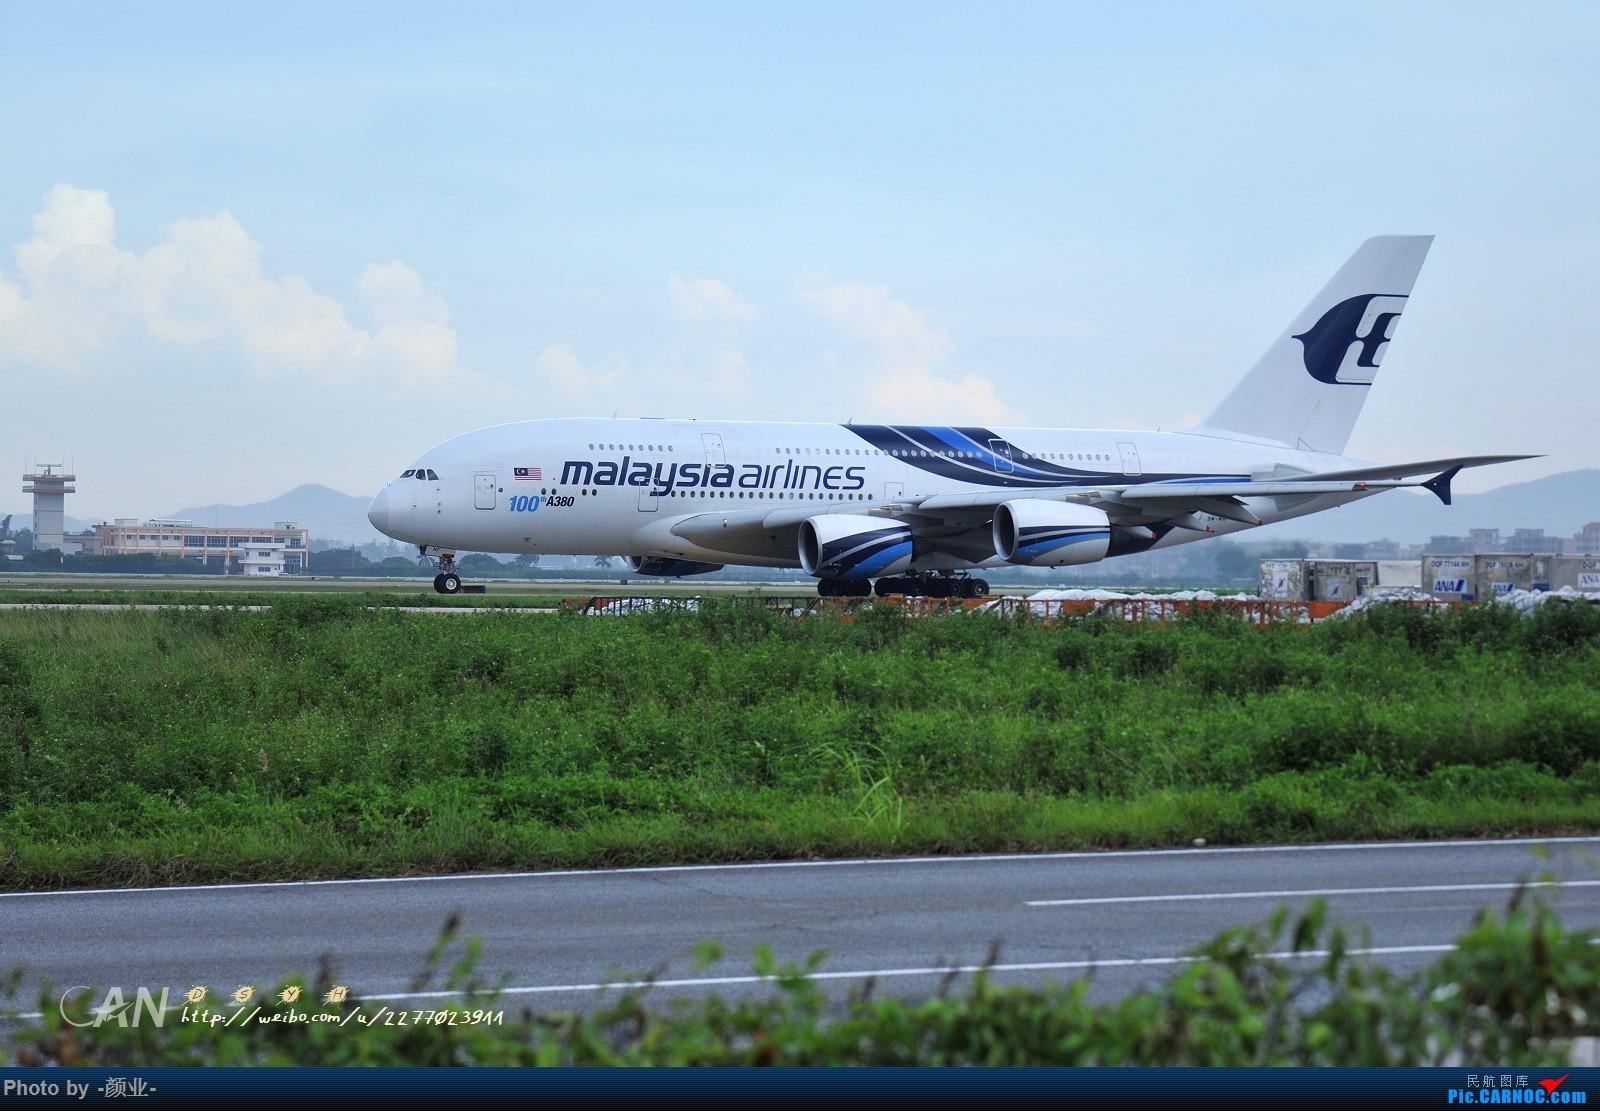 Re:[原创]2011-2016我的打灰机心情[广州] AIRBUS A380-800 9M-MNF 中国广州白云国际机场